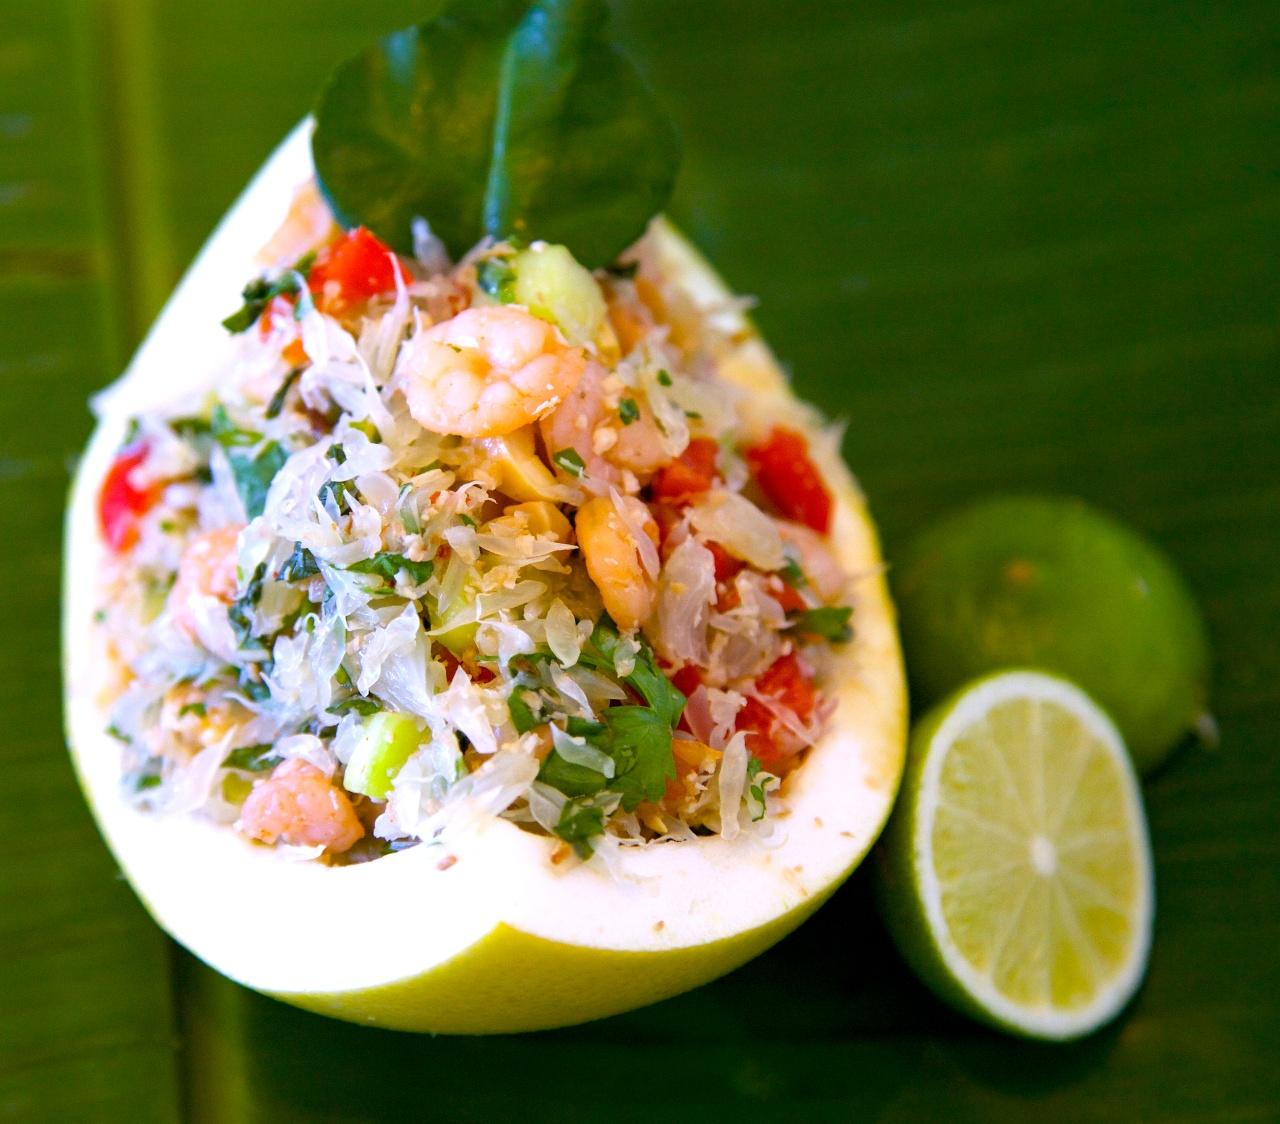 The famous Thai PomeloSalad